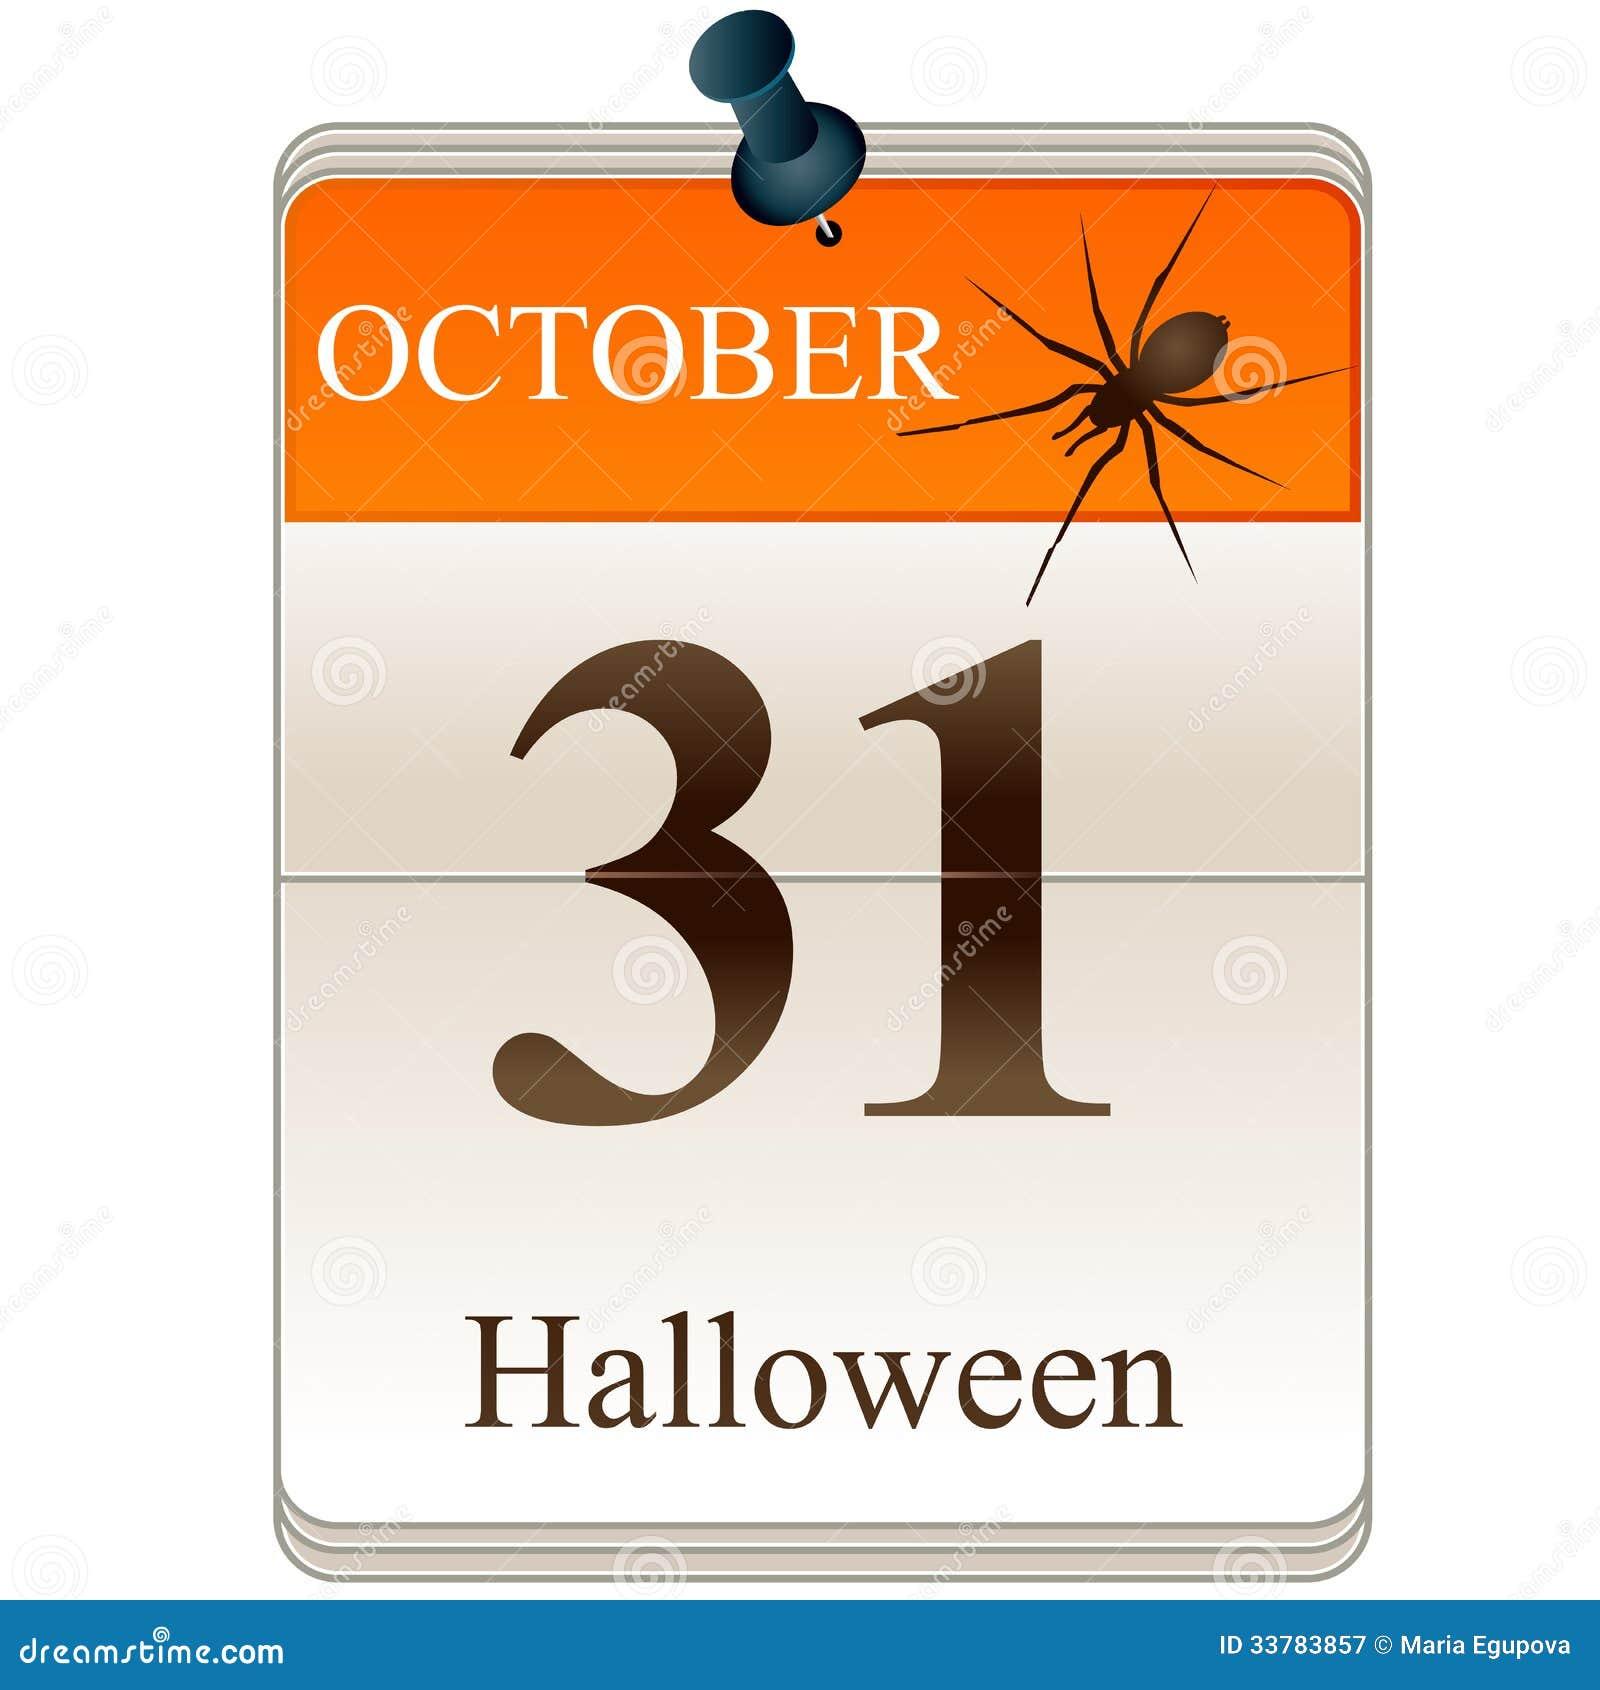 Halloween Calendar Date Calendar Template 2016 - 2016 Halloween Calendar